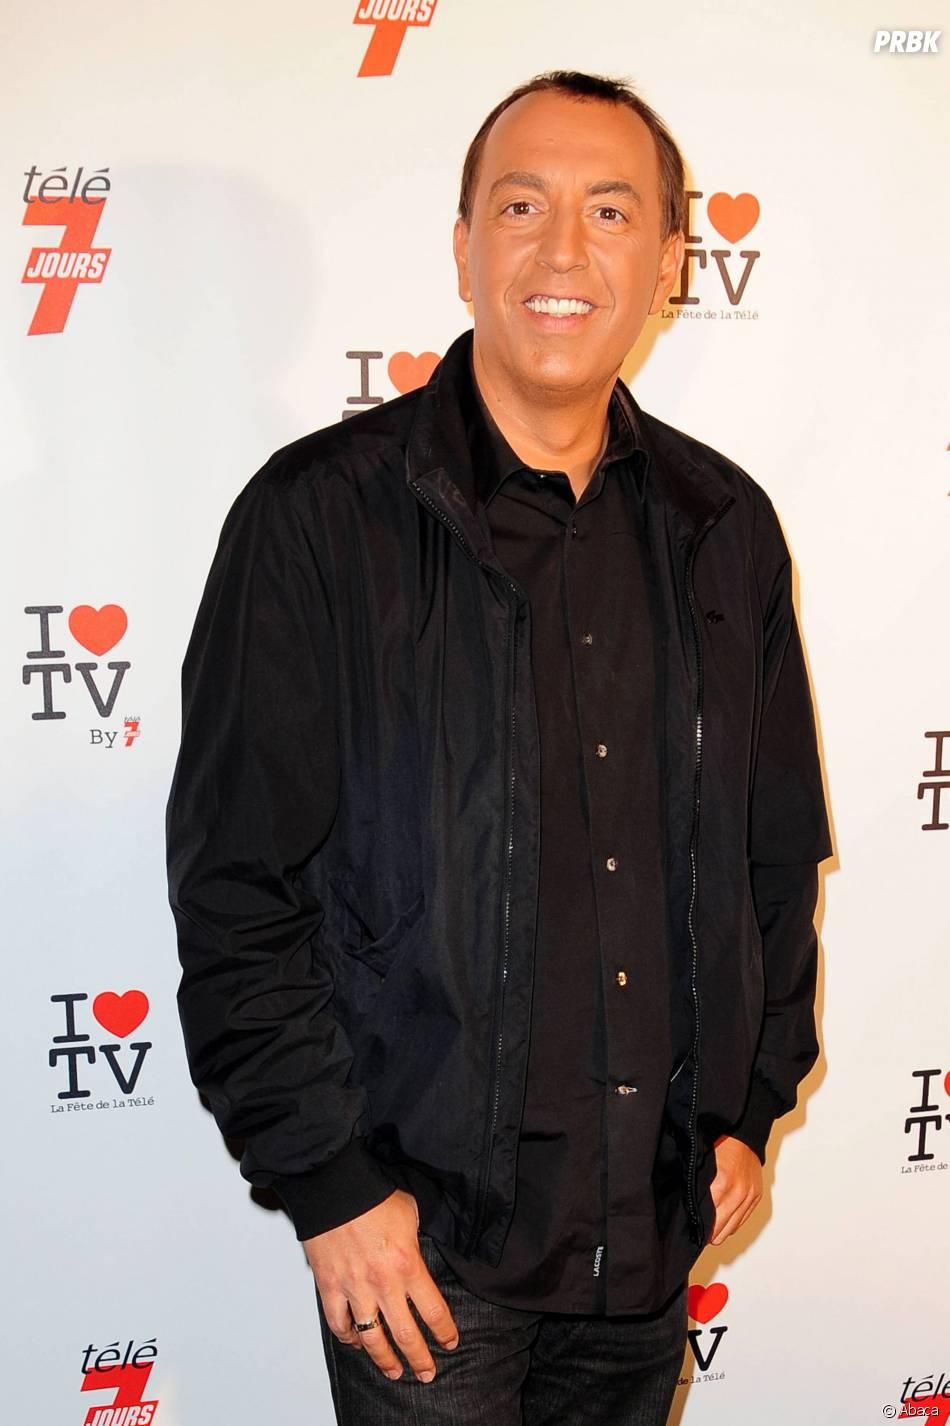 """Jean-Marc Morandini sur le tapis rouge de """"La Fête de la télé 2010"""""""